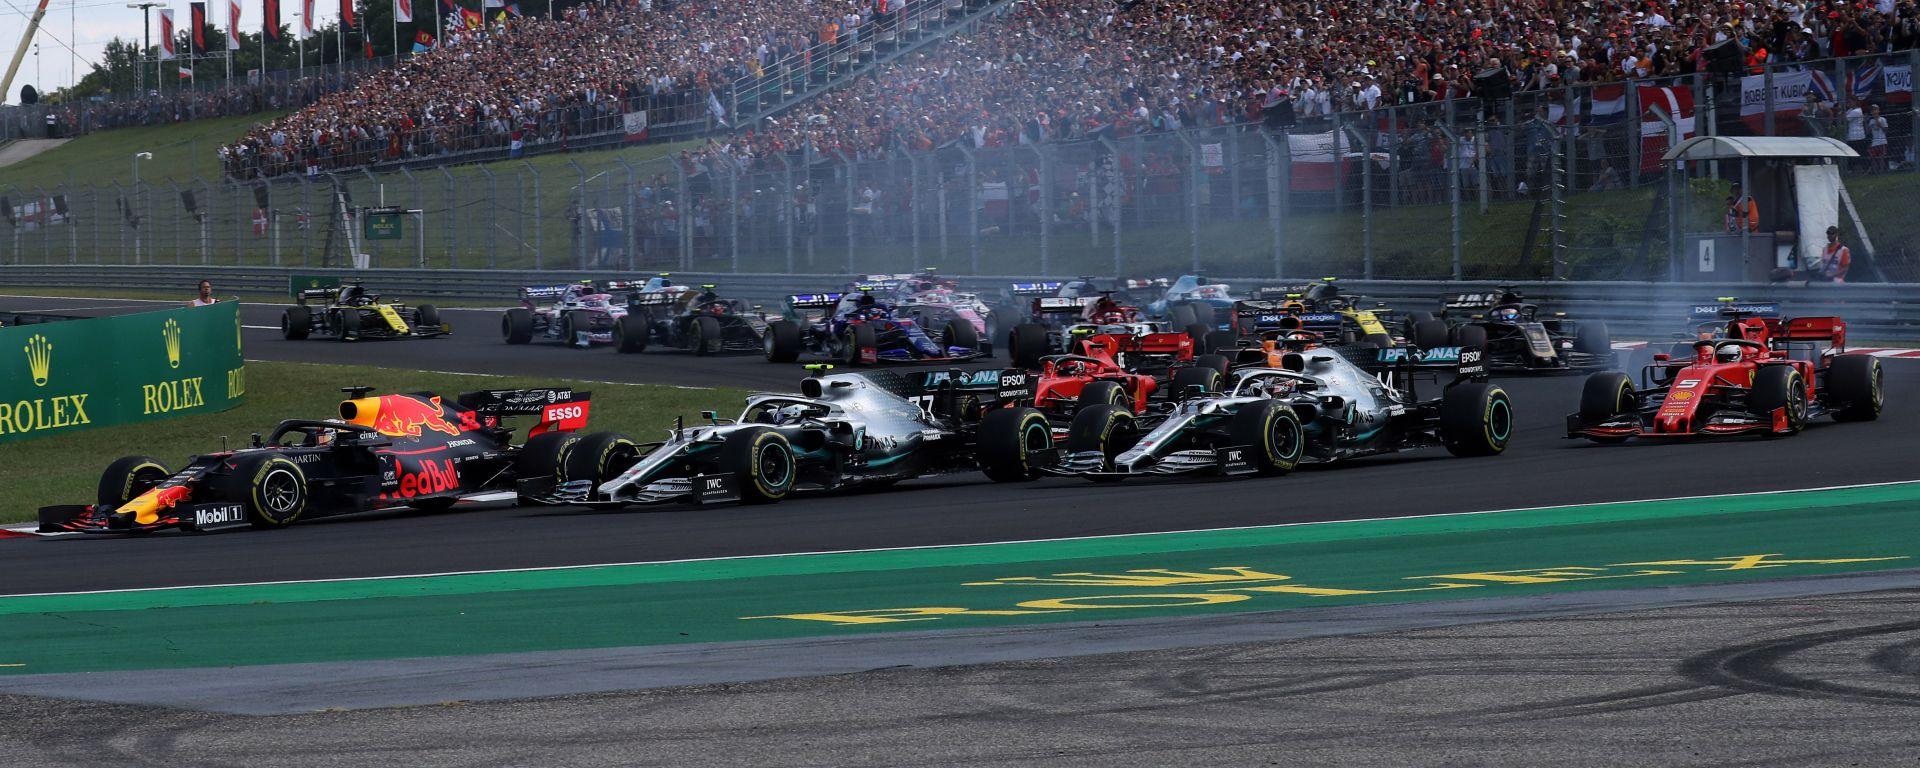 La prima curva del GP Ungheria alla partenza